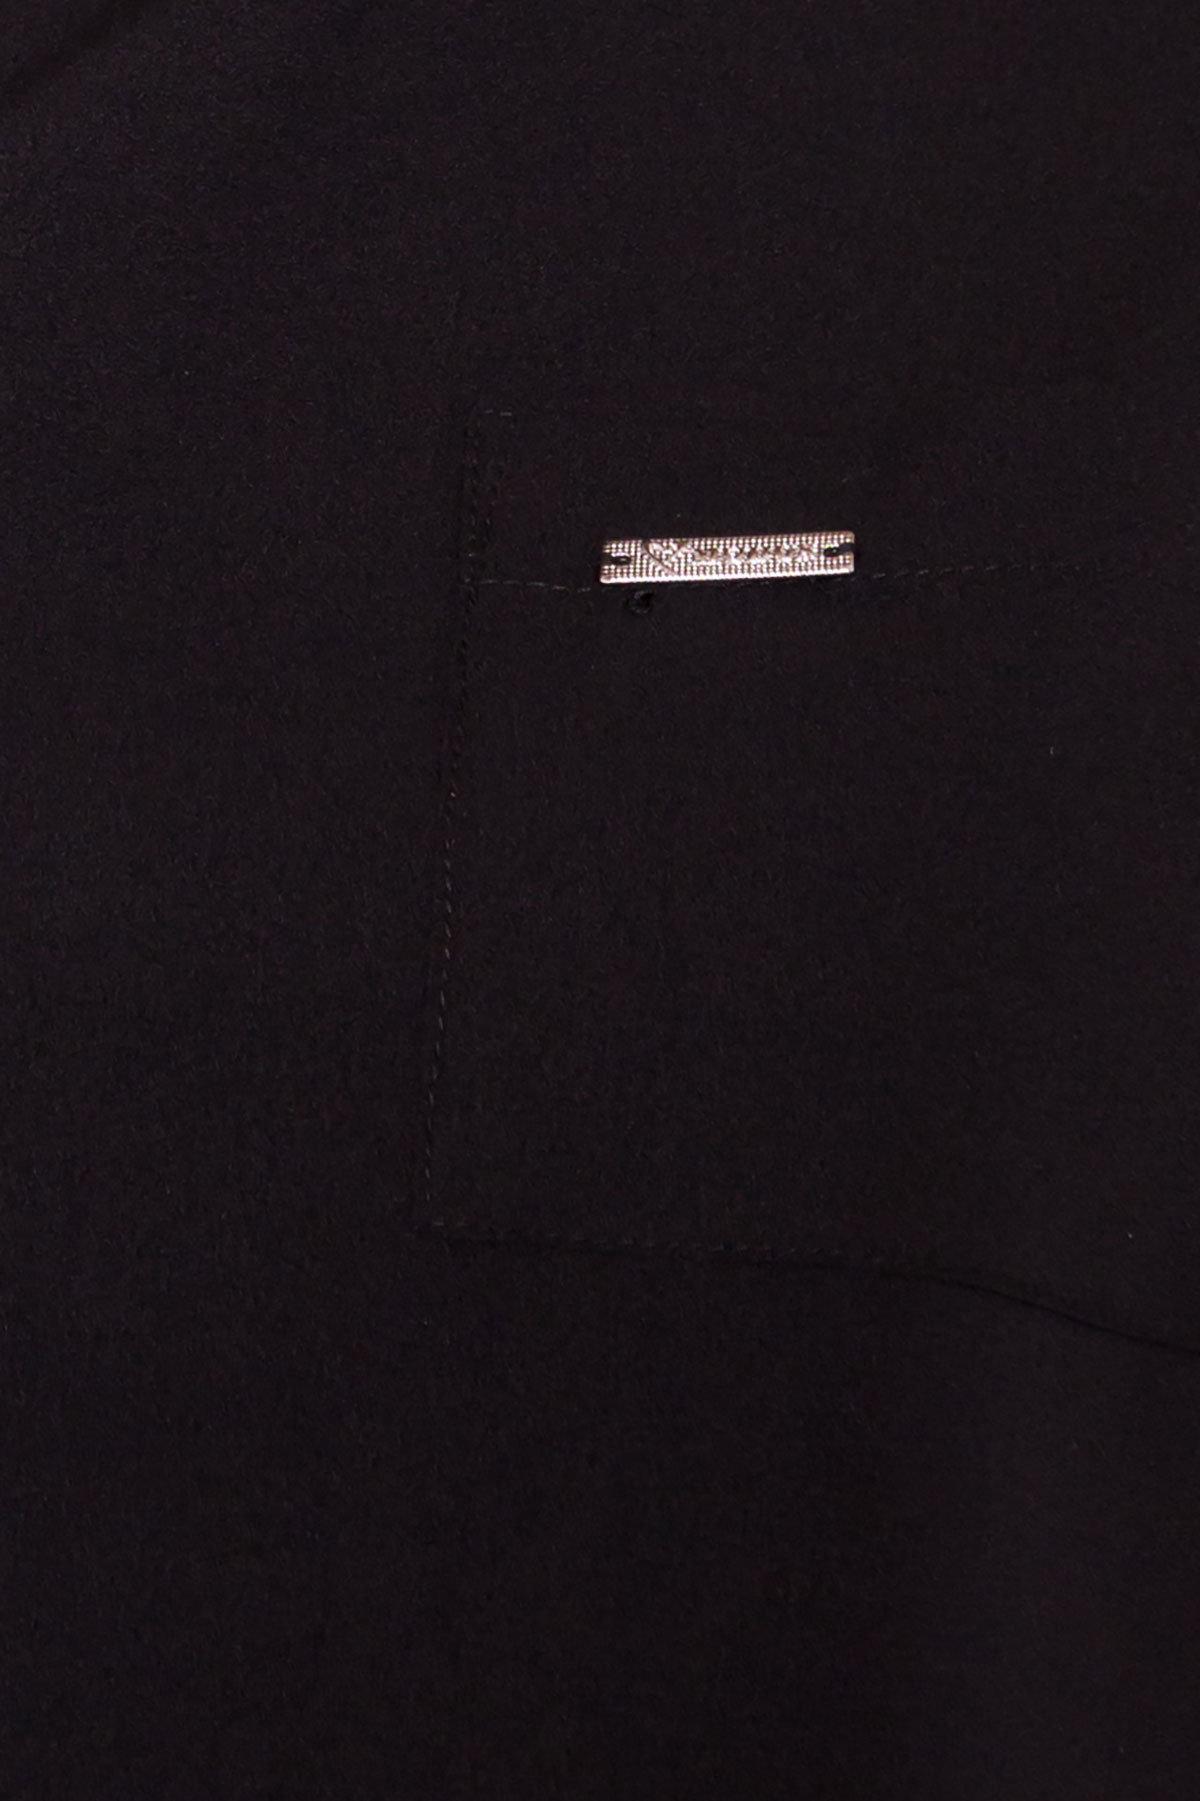 Блуза Девайс 7324 АРТ. 42984 Цвет: Черный - фото 4, интернет магазин tm-modus.ru